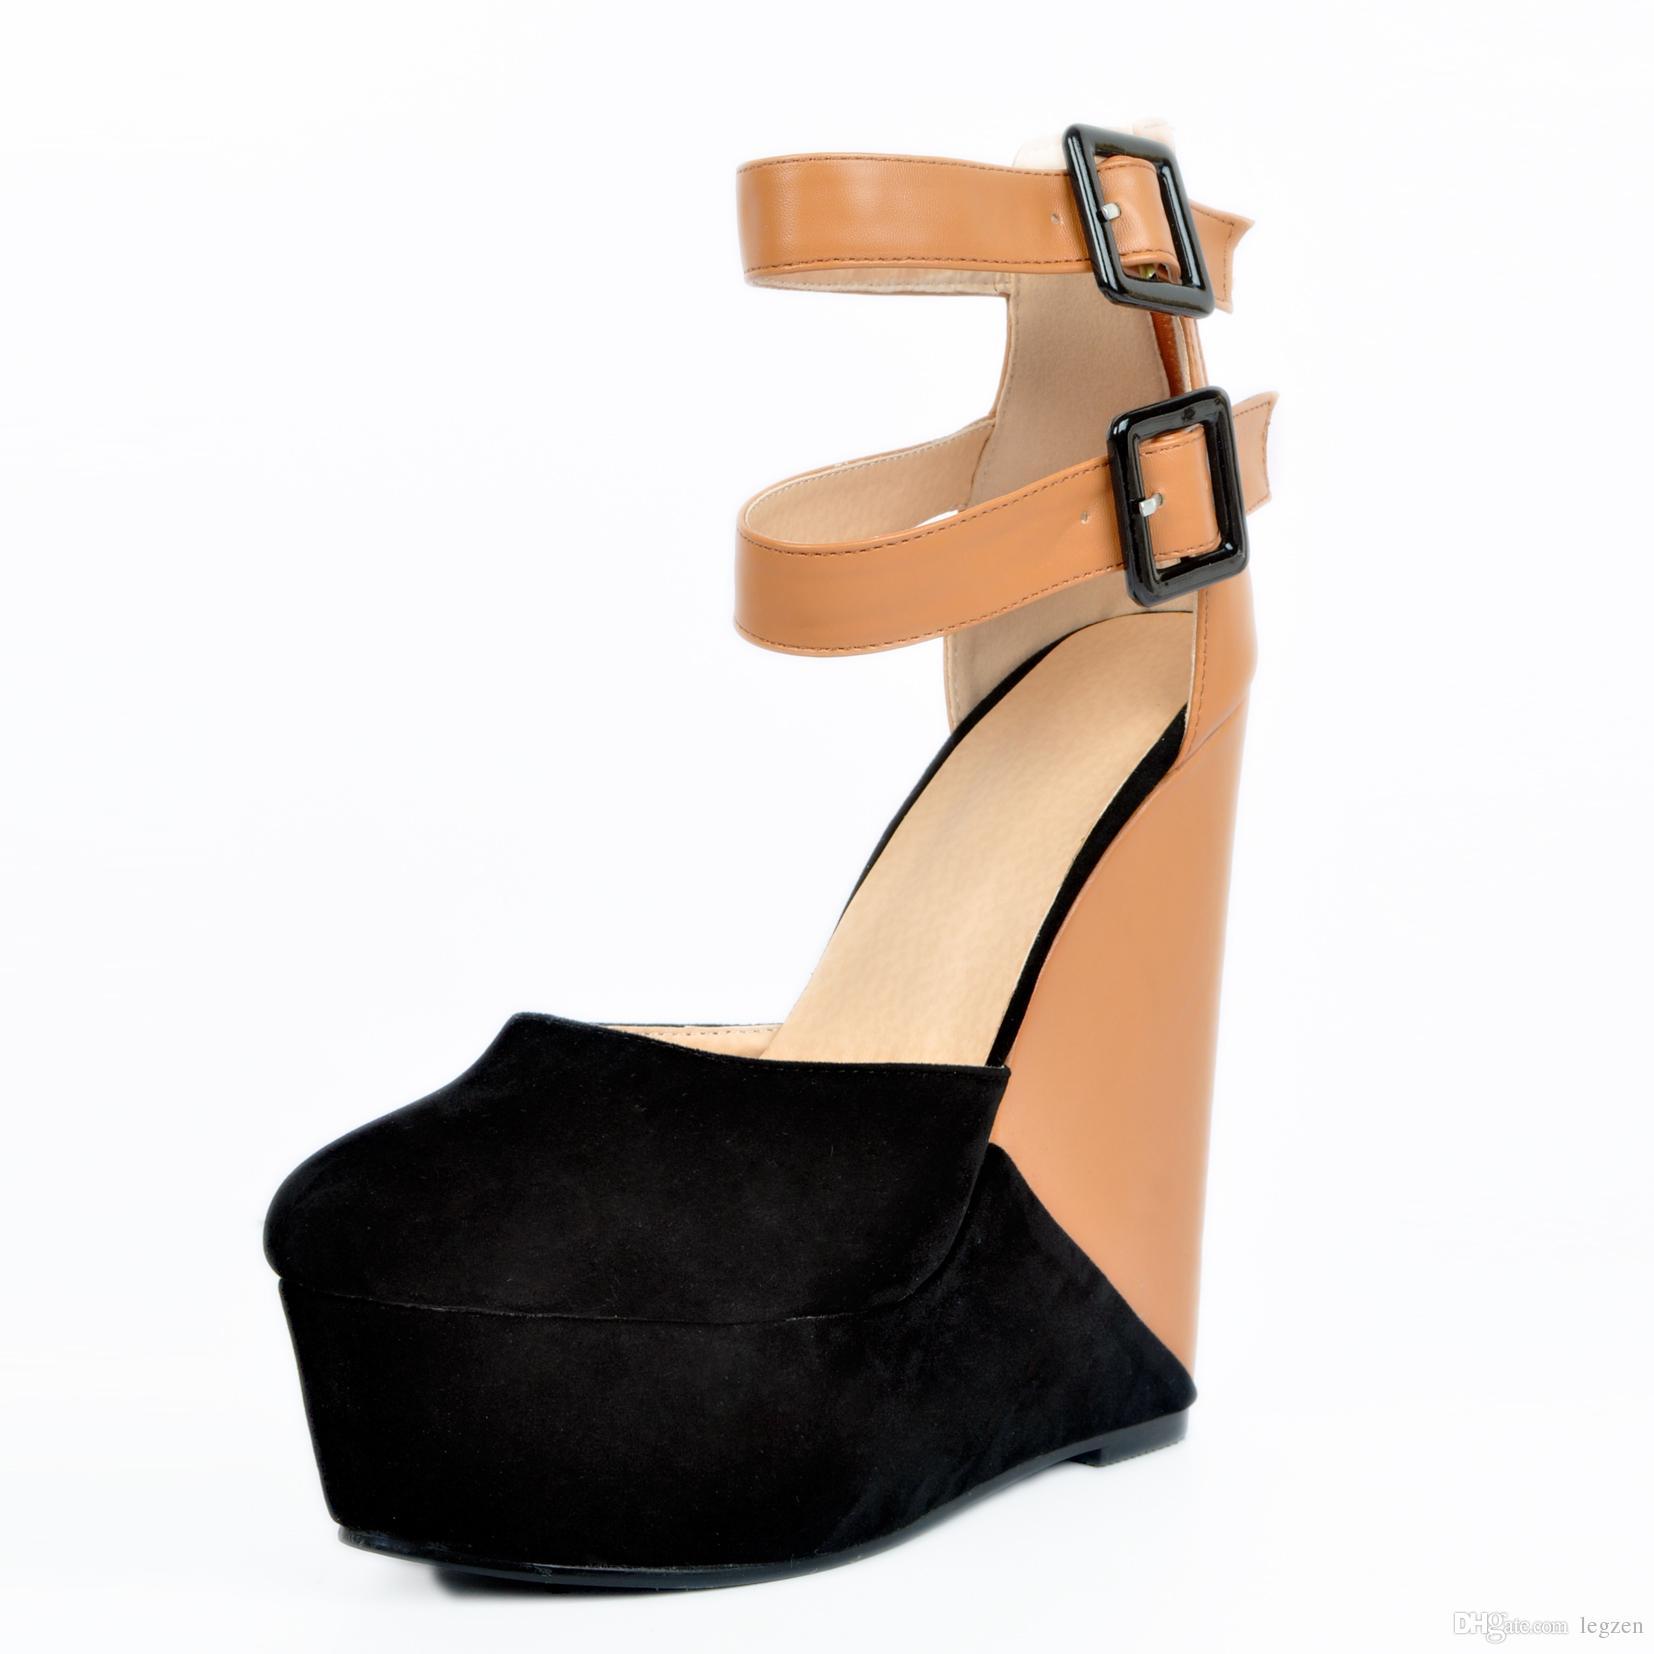 Legzen Verano Mujer Sandalias Cuñas Plataforma de la cremallera del dedo del pie abierto correas del tobillo Tacones altos Sandalias Club Party Zapatos ocasionales de las mujeres Tamaño grande 4-15